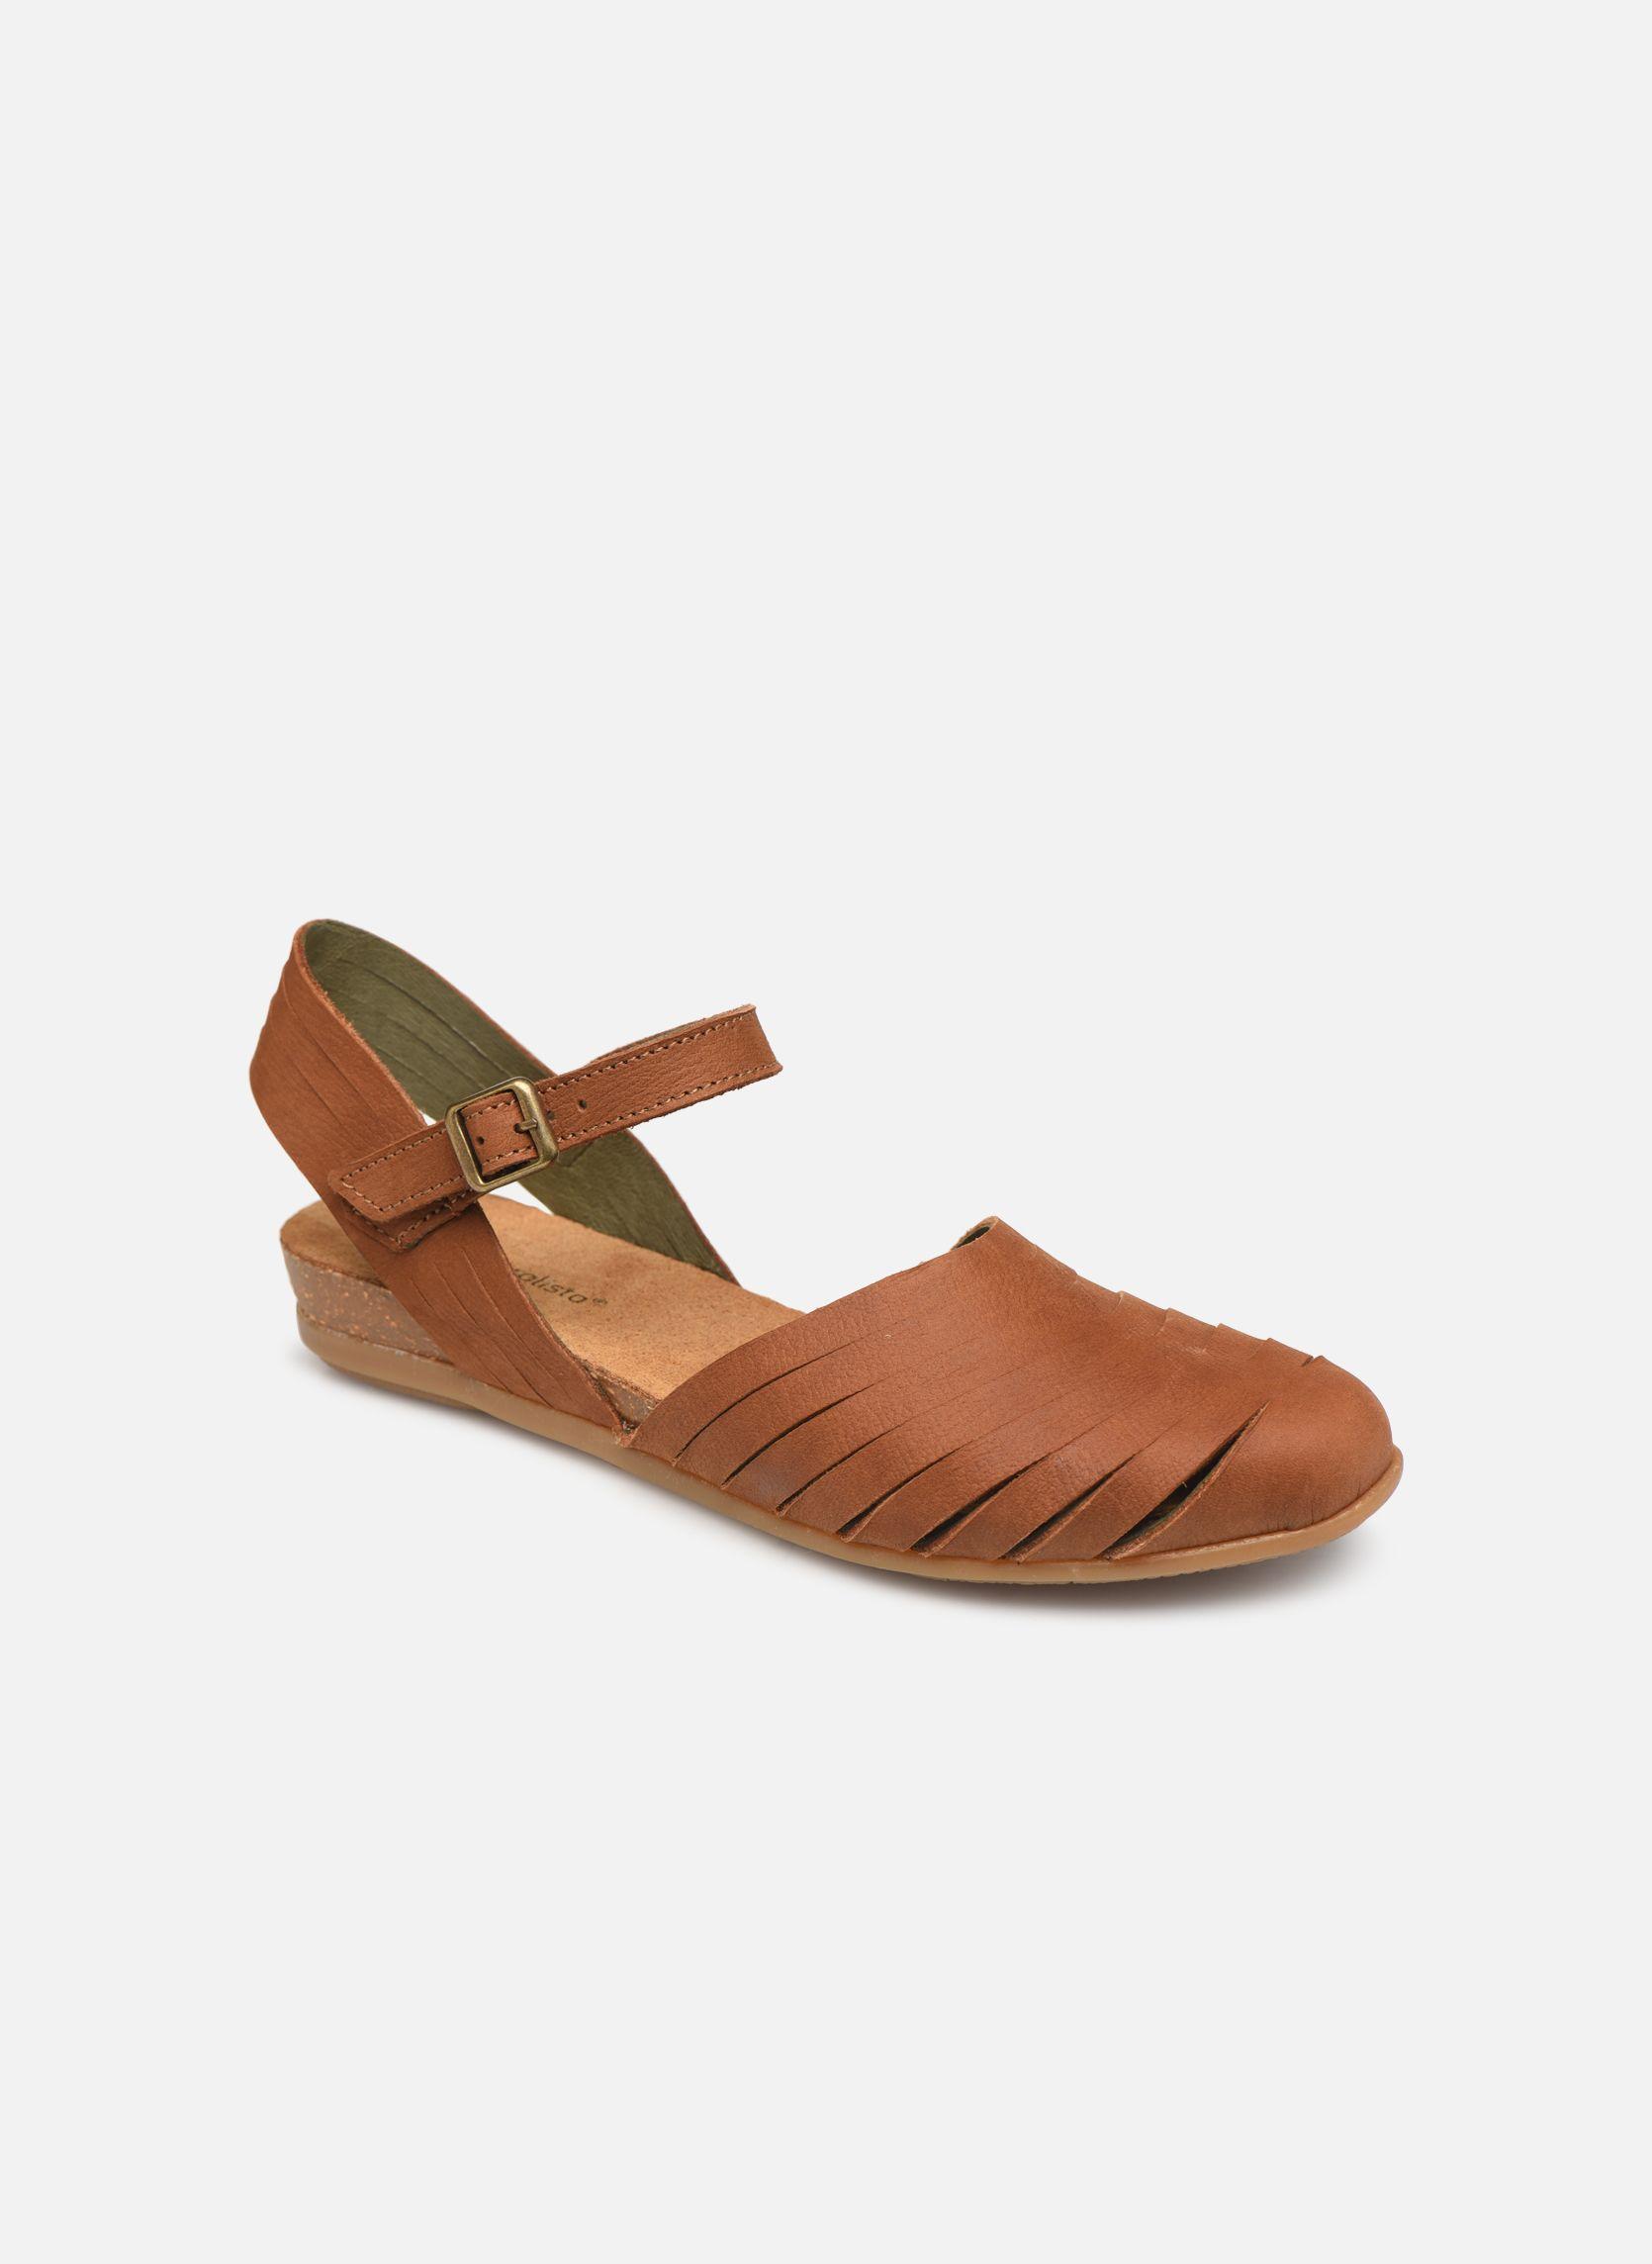 Naturalista Stella N5201 C 2019Achatsmode SandalsFlats En El roedCBx